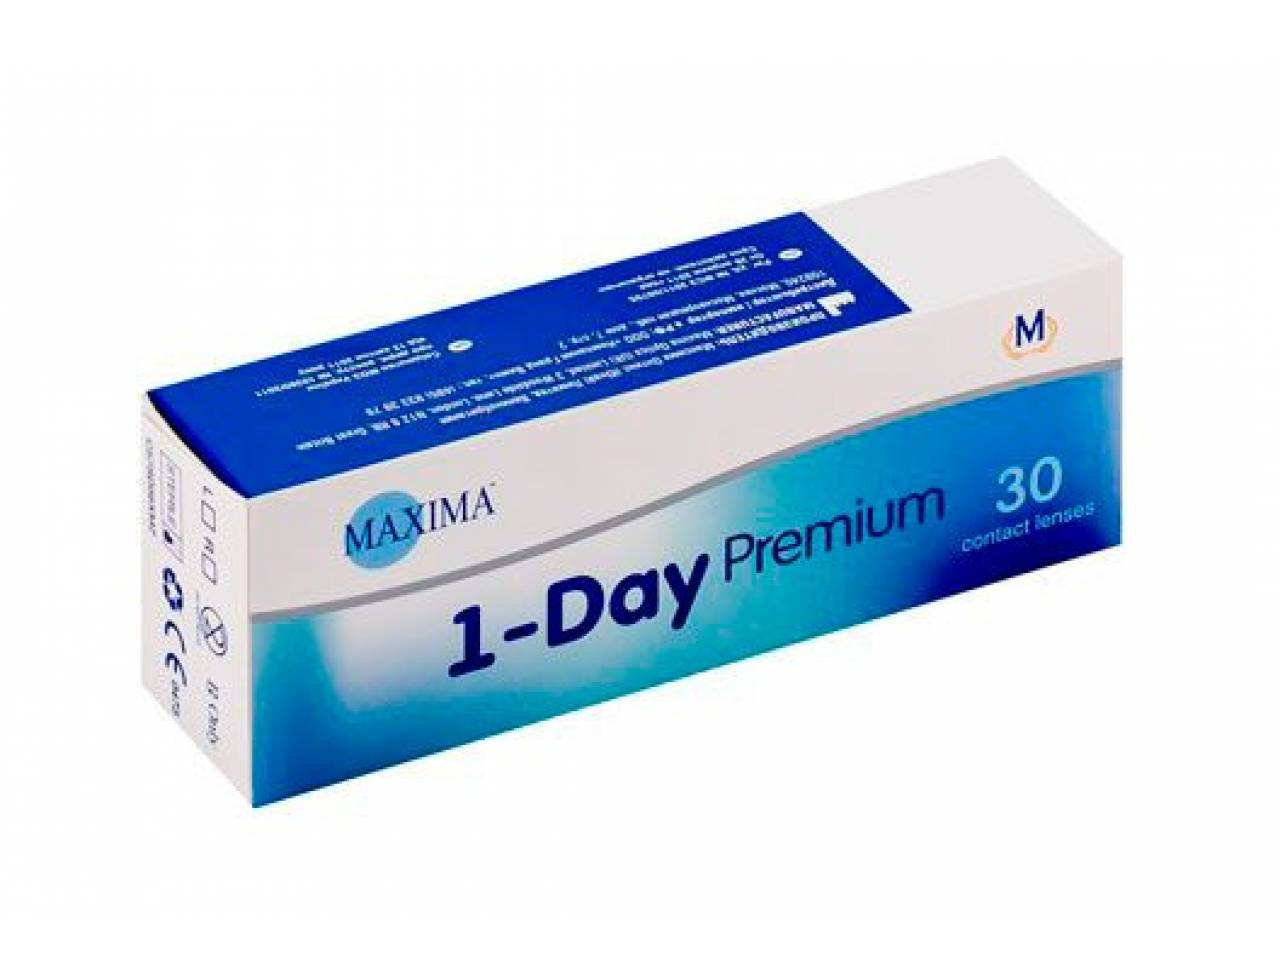 Однодневные контактные линзы Maxima 1-Day Premium